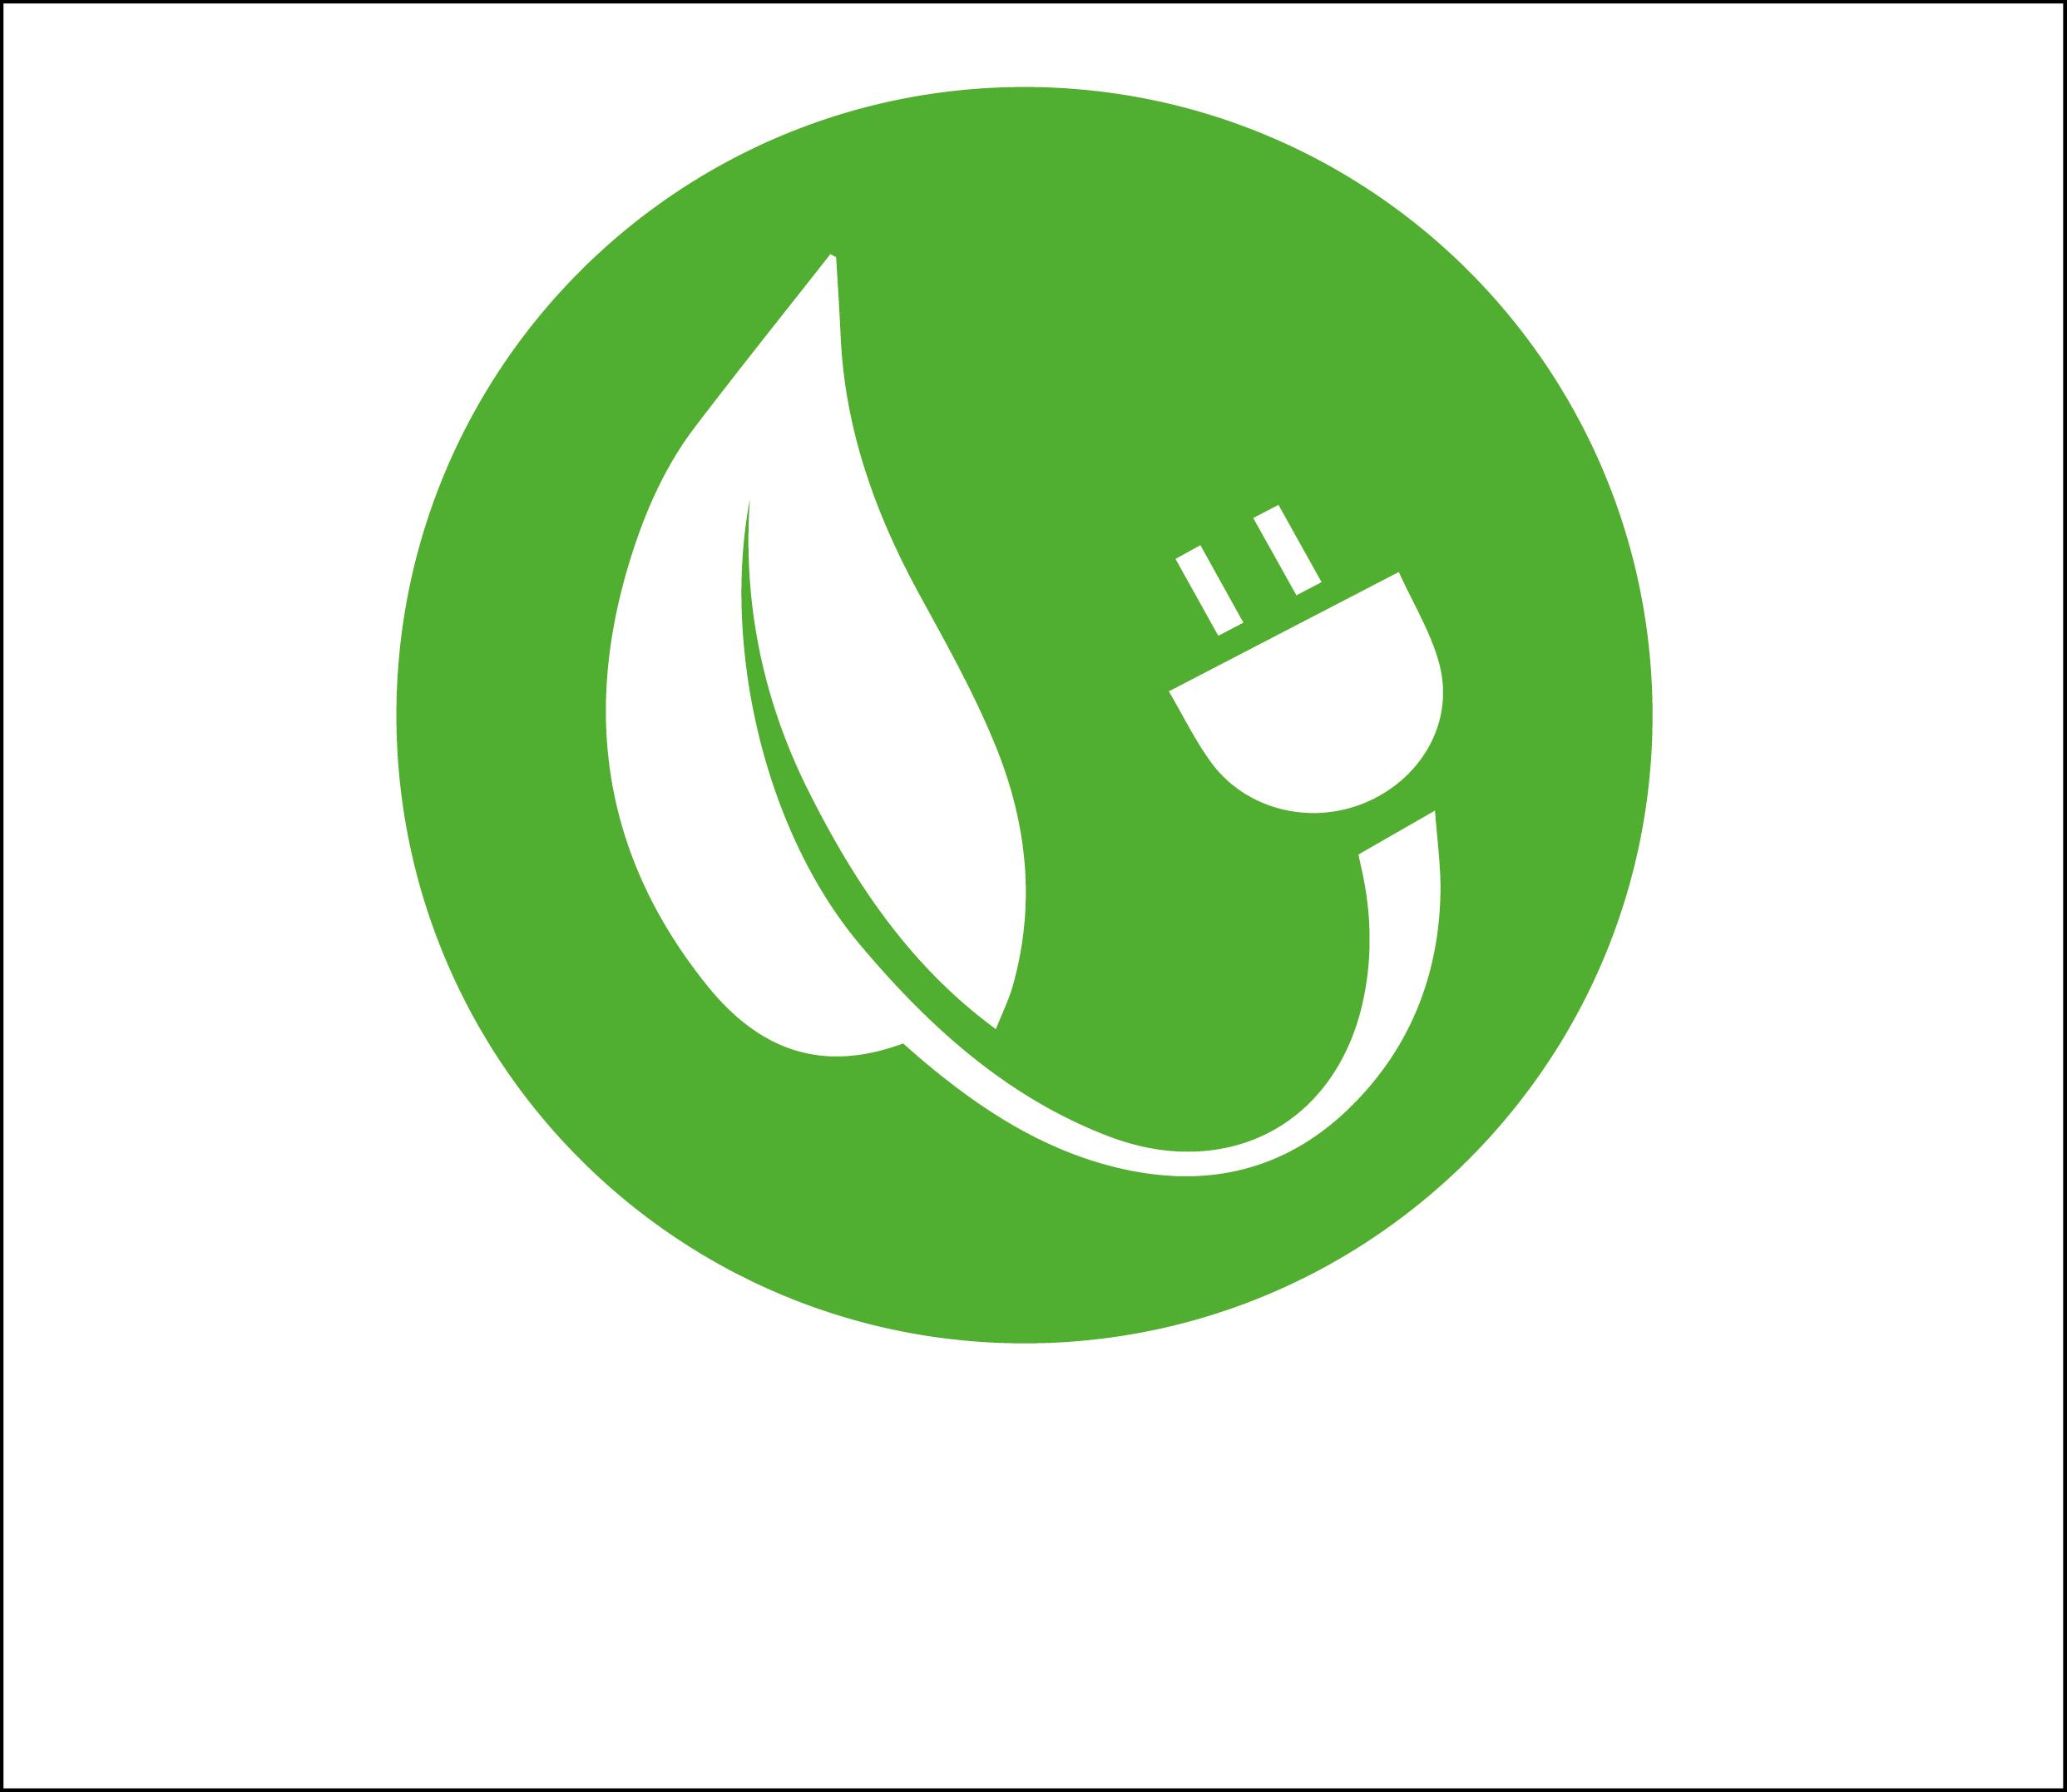 获得认证的环境管理